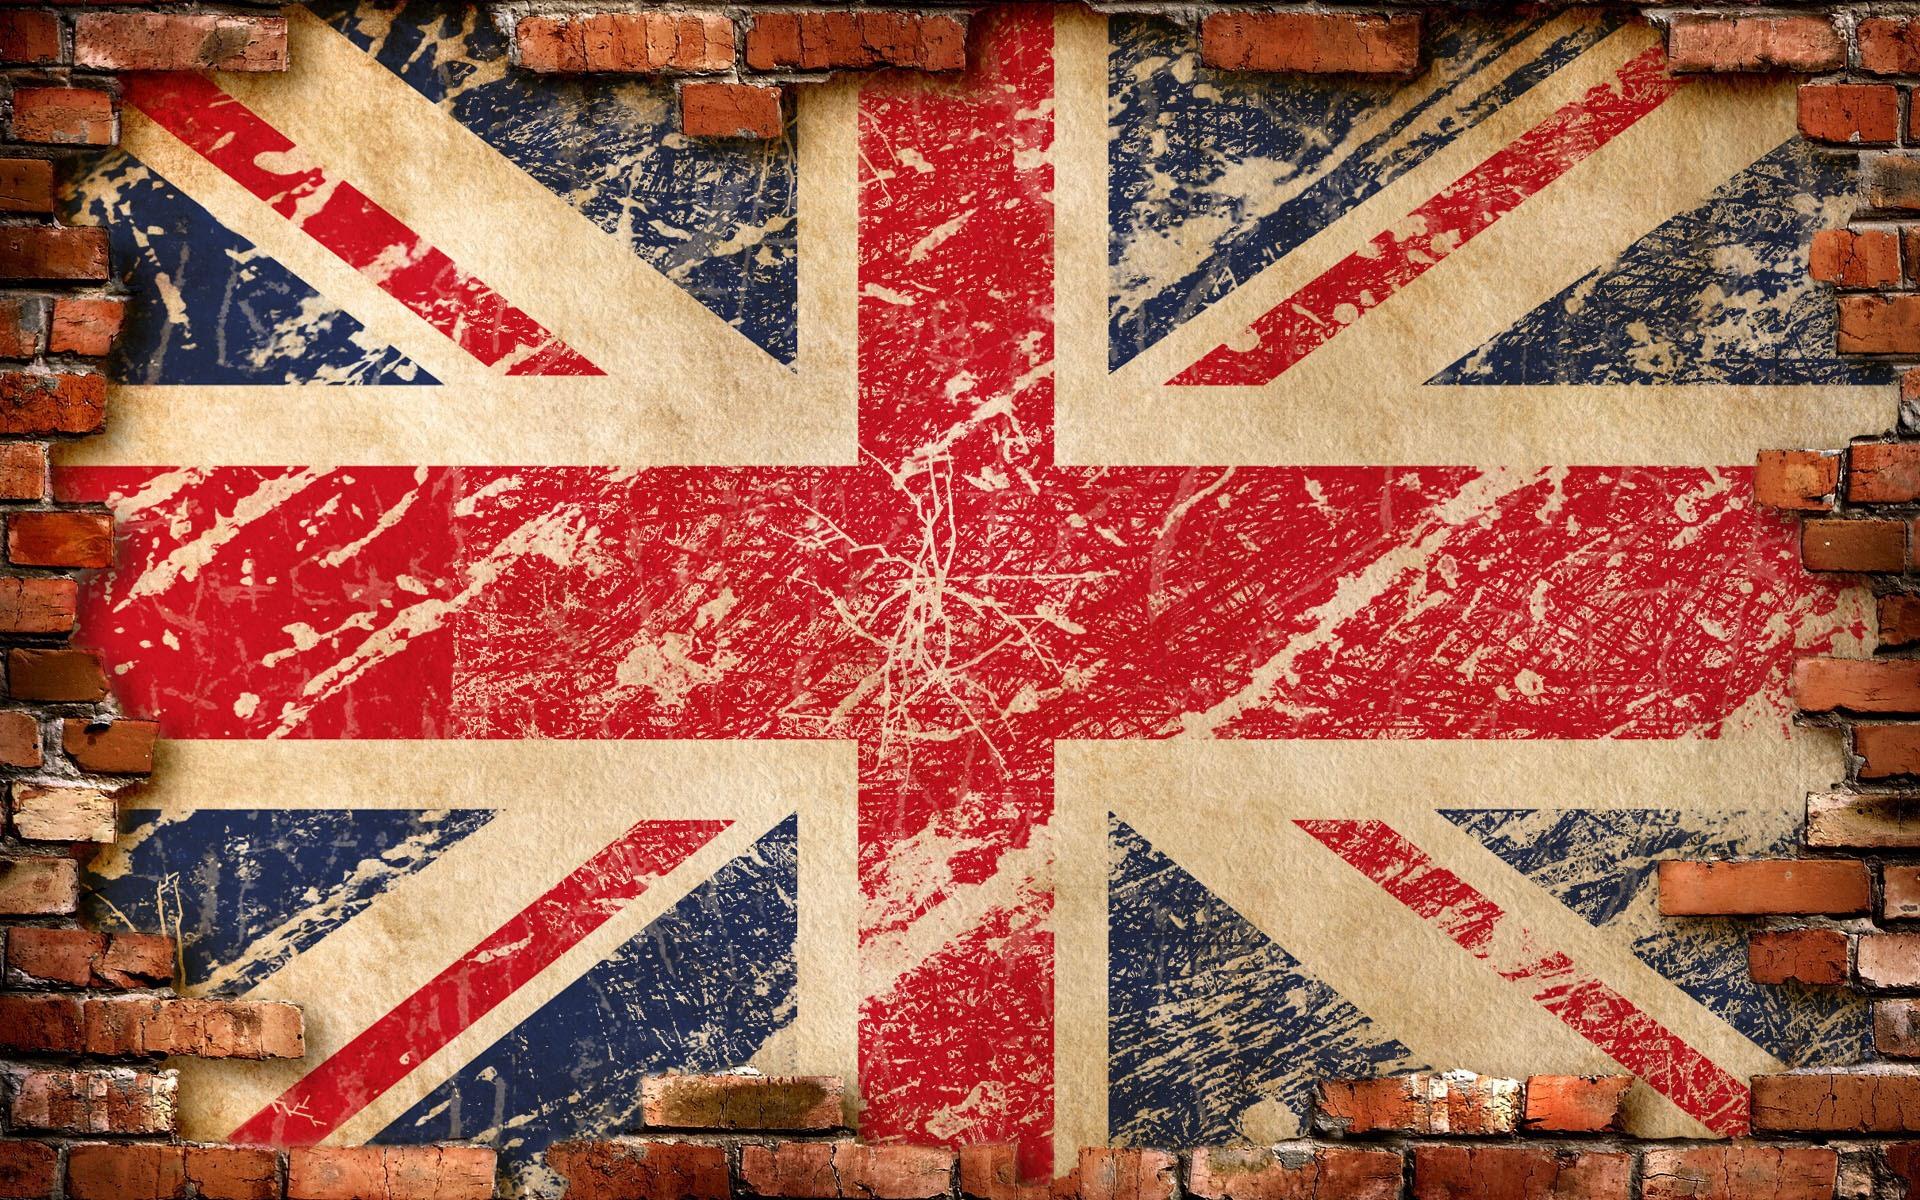 Картинки на фон британского флага